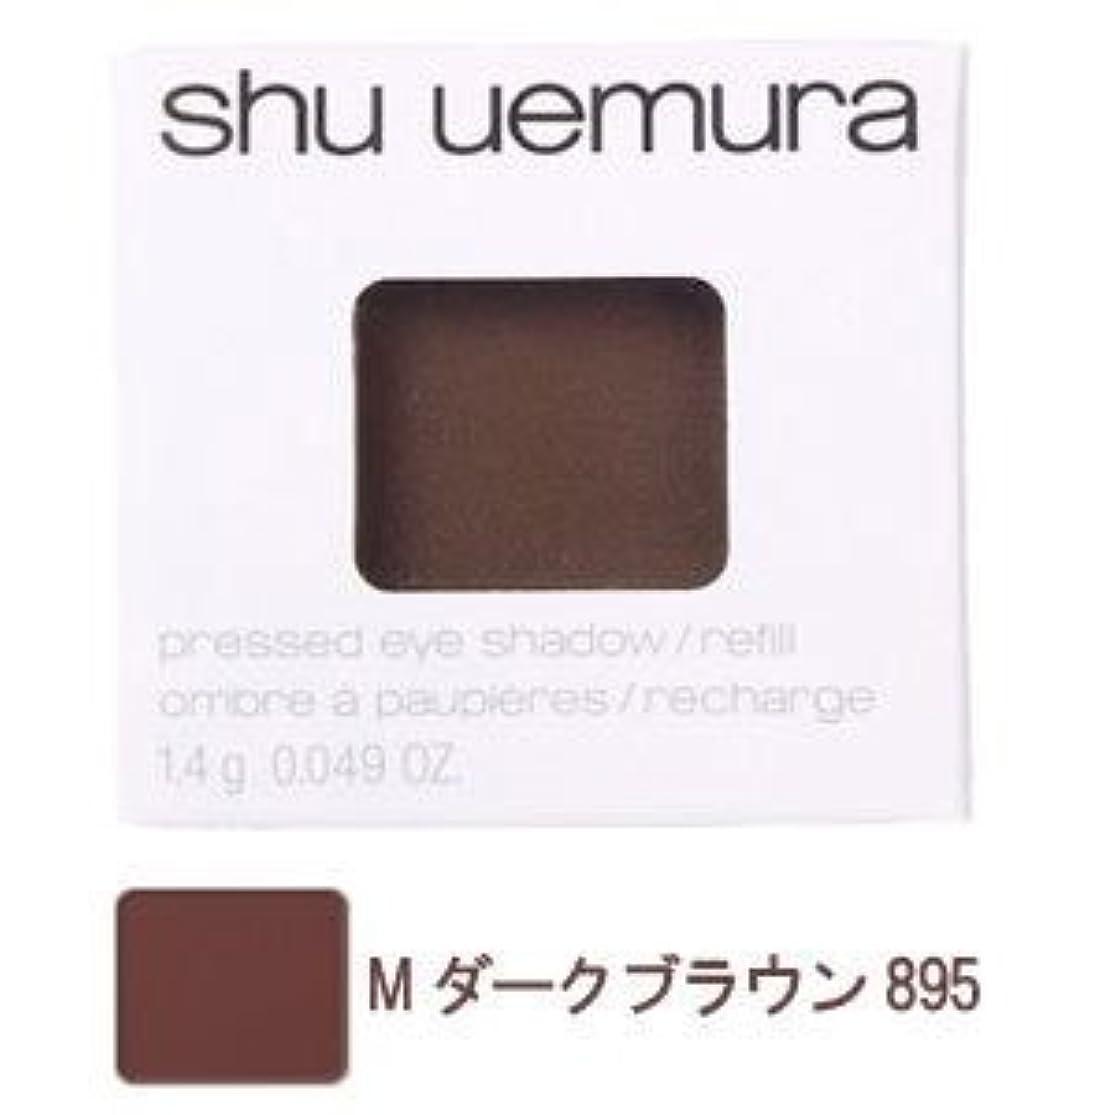 マラウイ紳士気取りの、きざな胃shu uemura シュウ ウエムラ<br>プレスド<br>アイシャドー<br>#M<br>ダークブラウン<br>895<br>レフィル [並行輸入品]